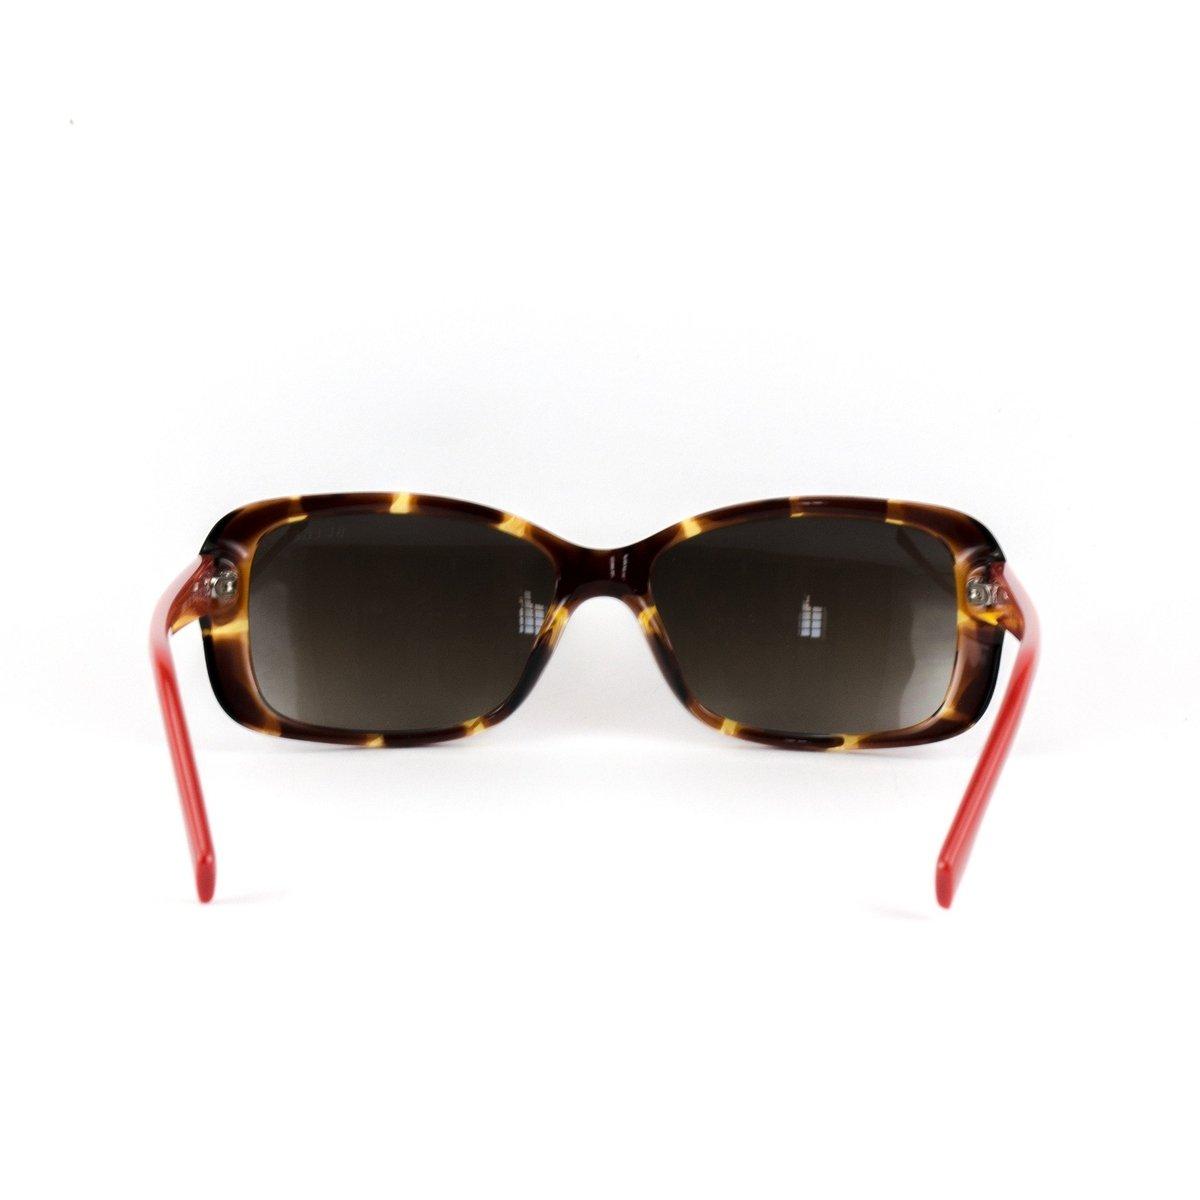 ... Óculos Bulget De Sol. Óculos Bulget De Sol - Marrom+Vermelho 5423a9564d